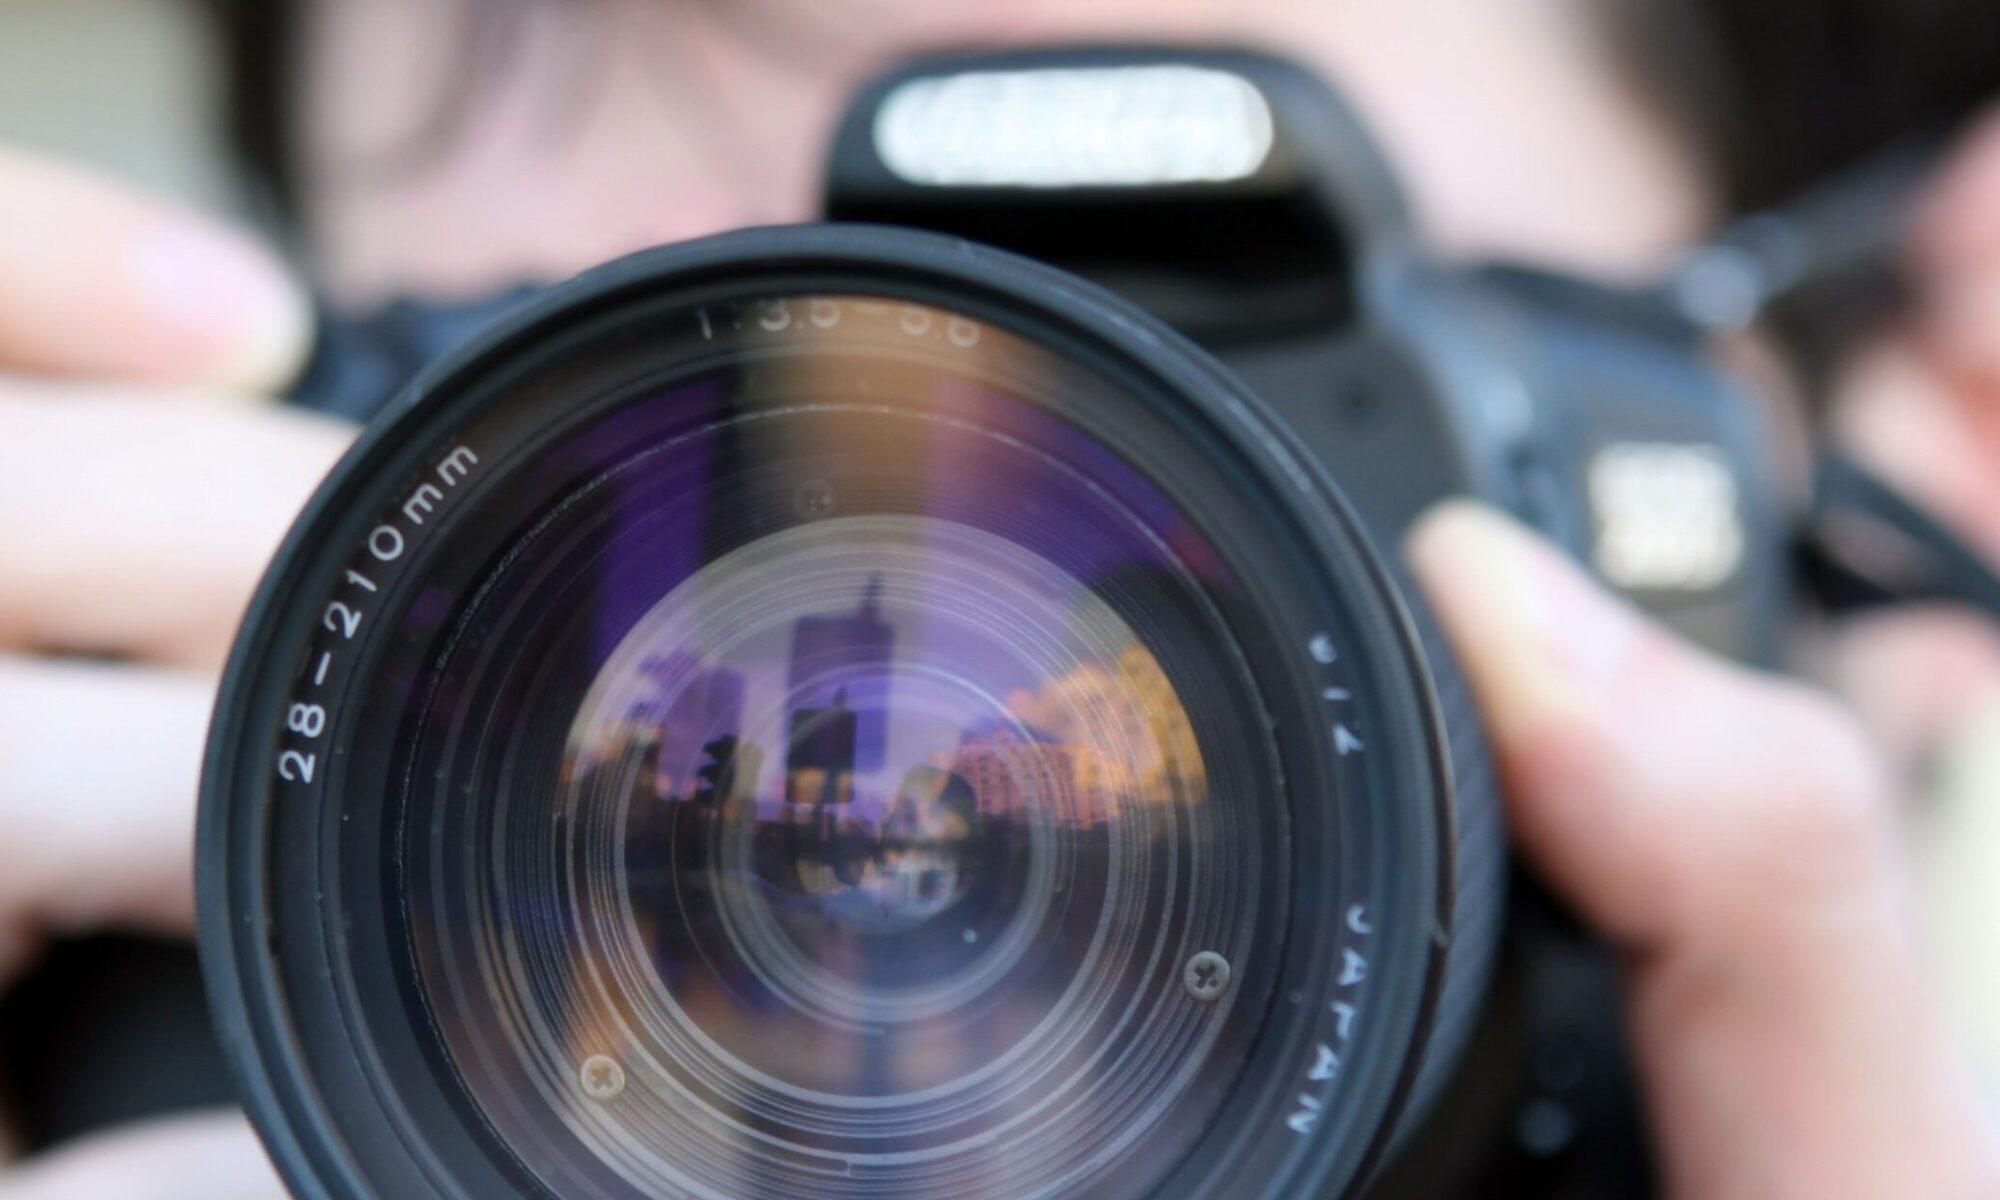 объектив фотоаппарата в руках